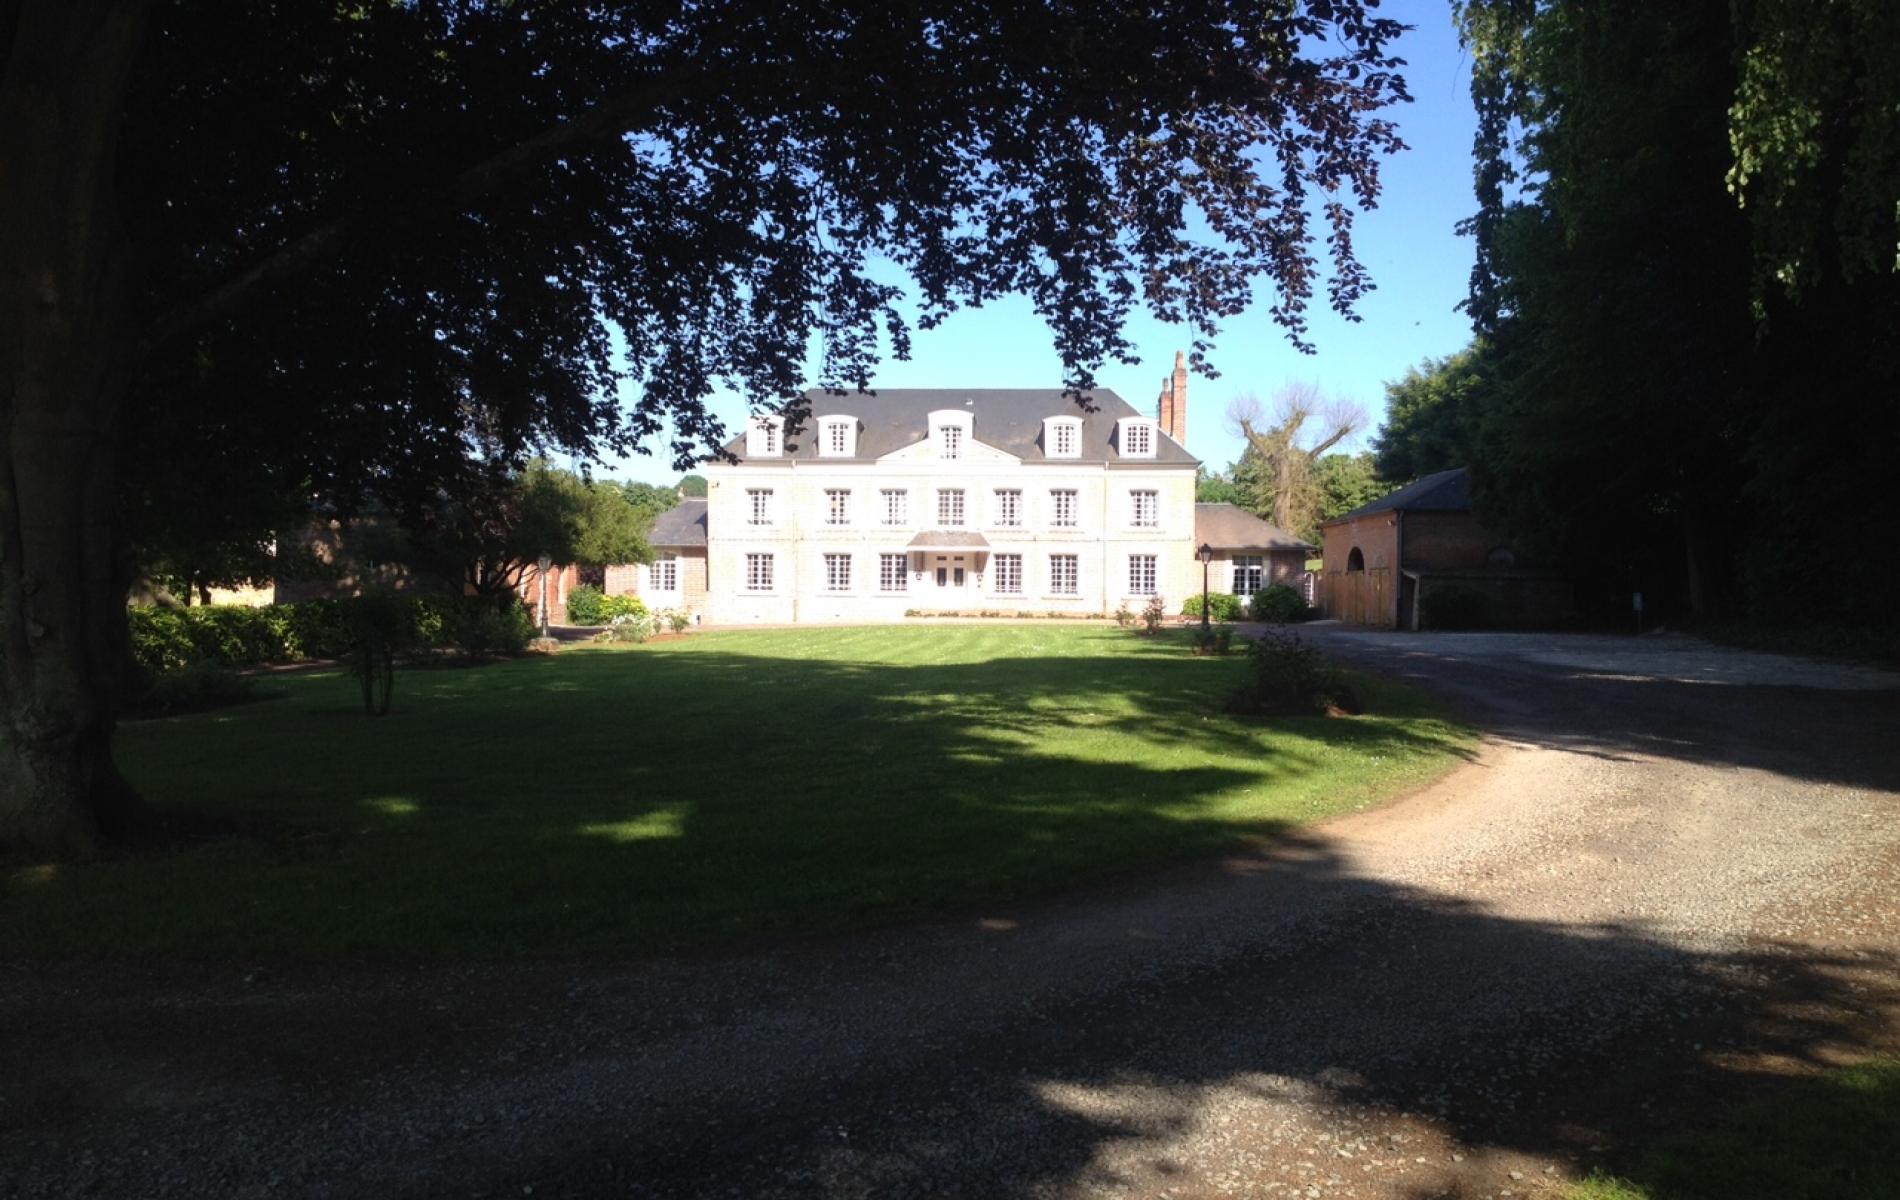 Hôtel des Champs - Hotel de charme en Normandie